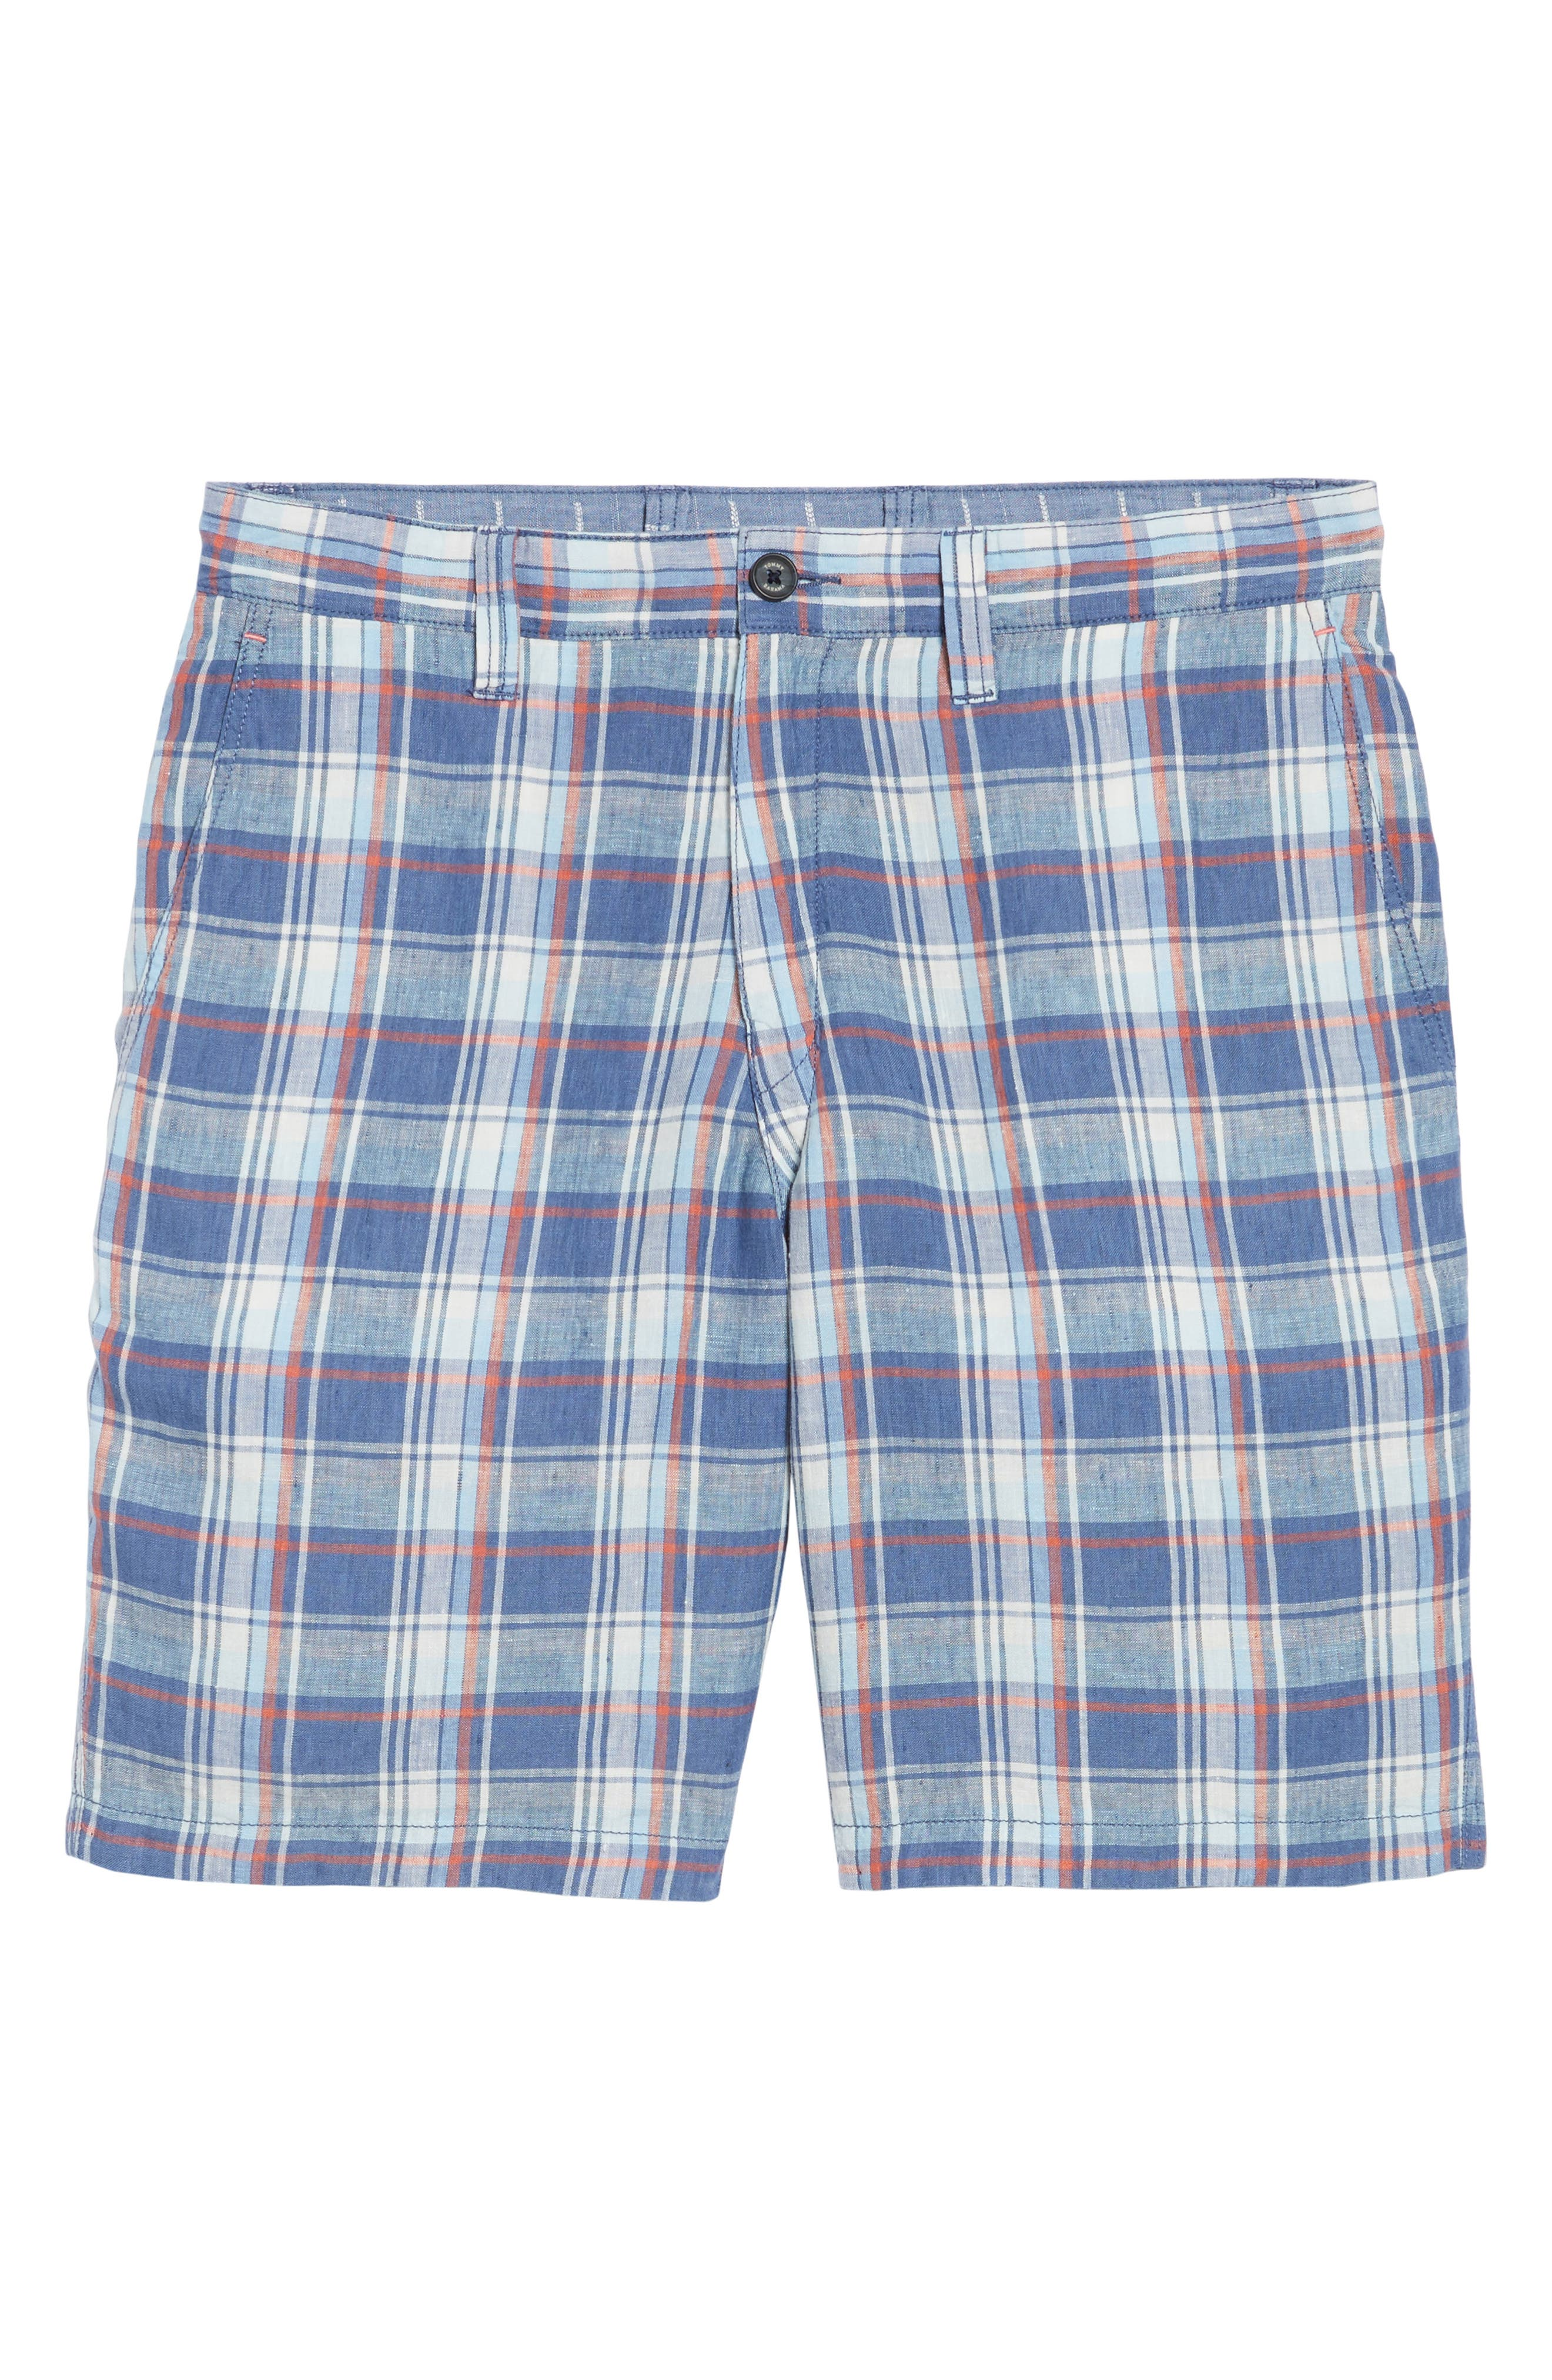 Plaid de Leon Reversible Linen Shorts,                             Alternate thumbnail 6, color,                             Dockside Blue